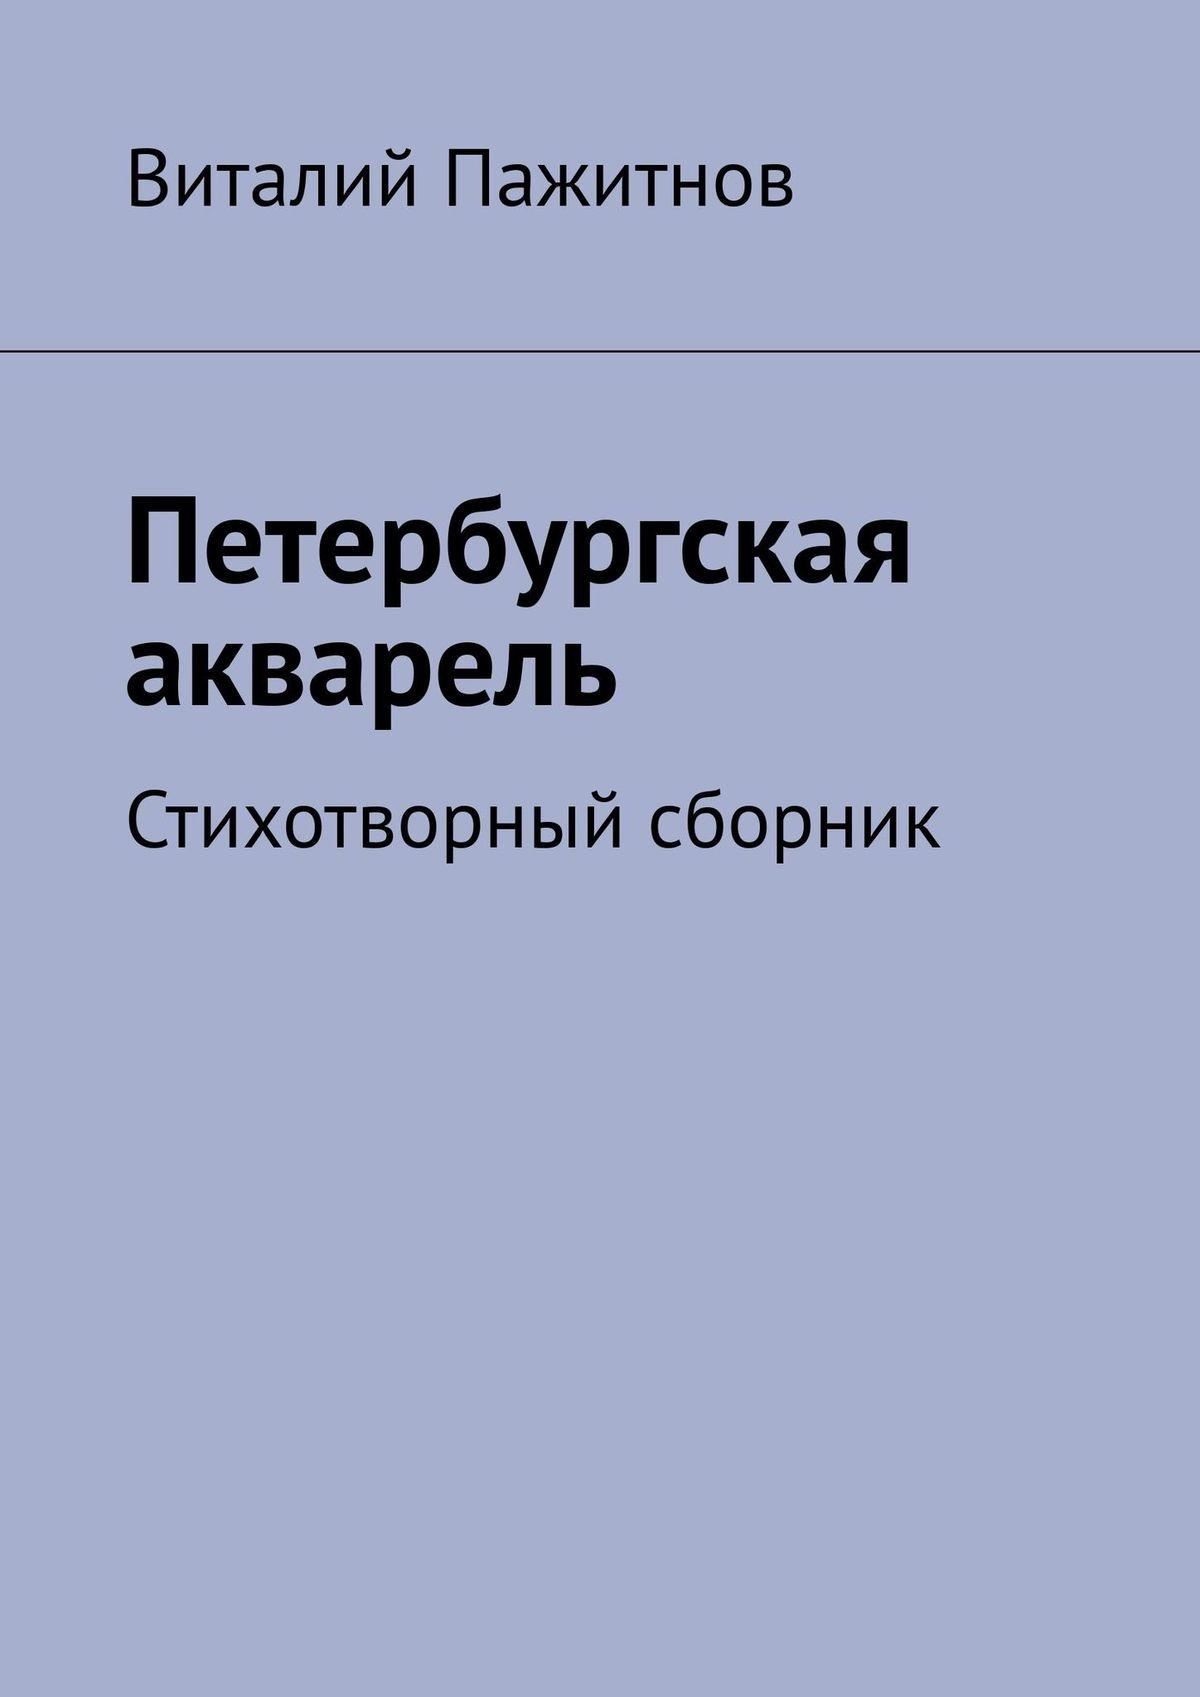 Петербургская акварель. Стихотворный сборник